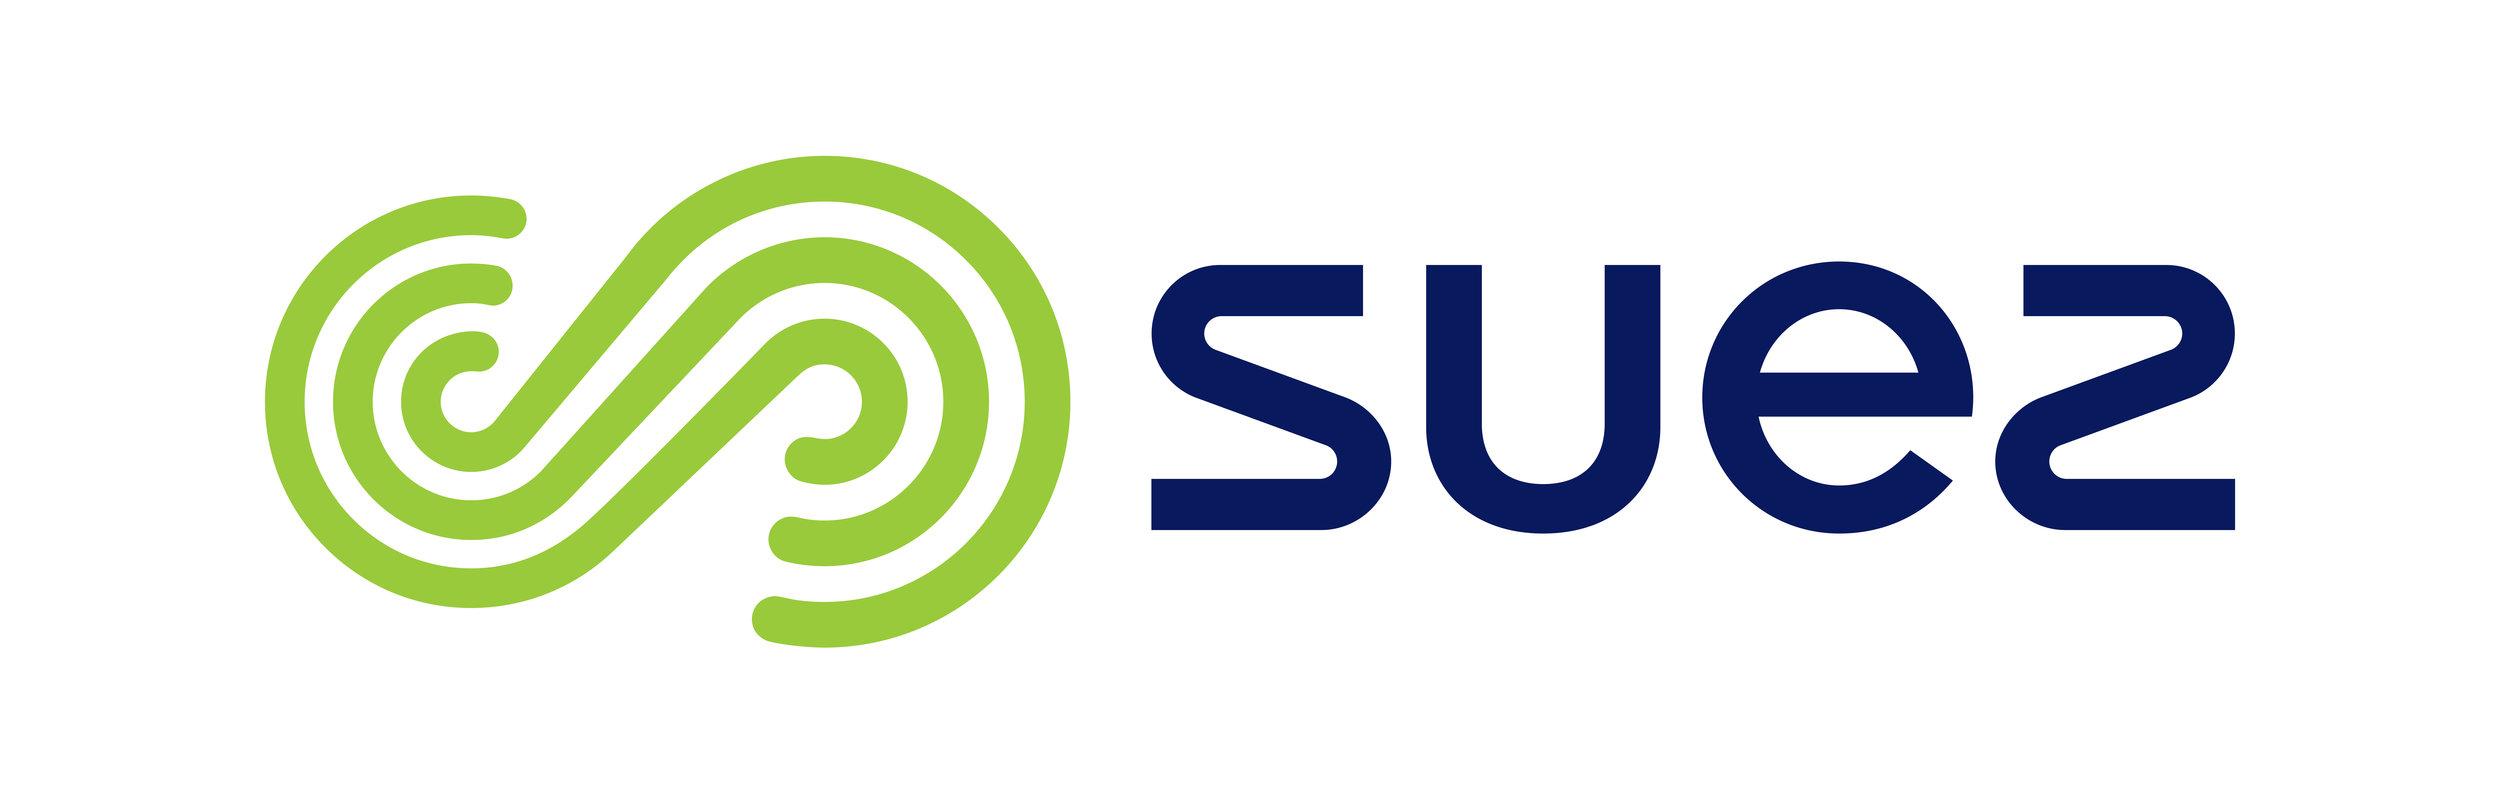 SUEZ_Logo.jpg